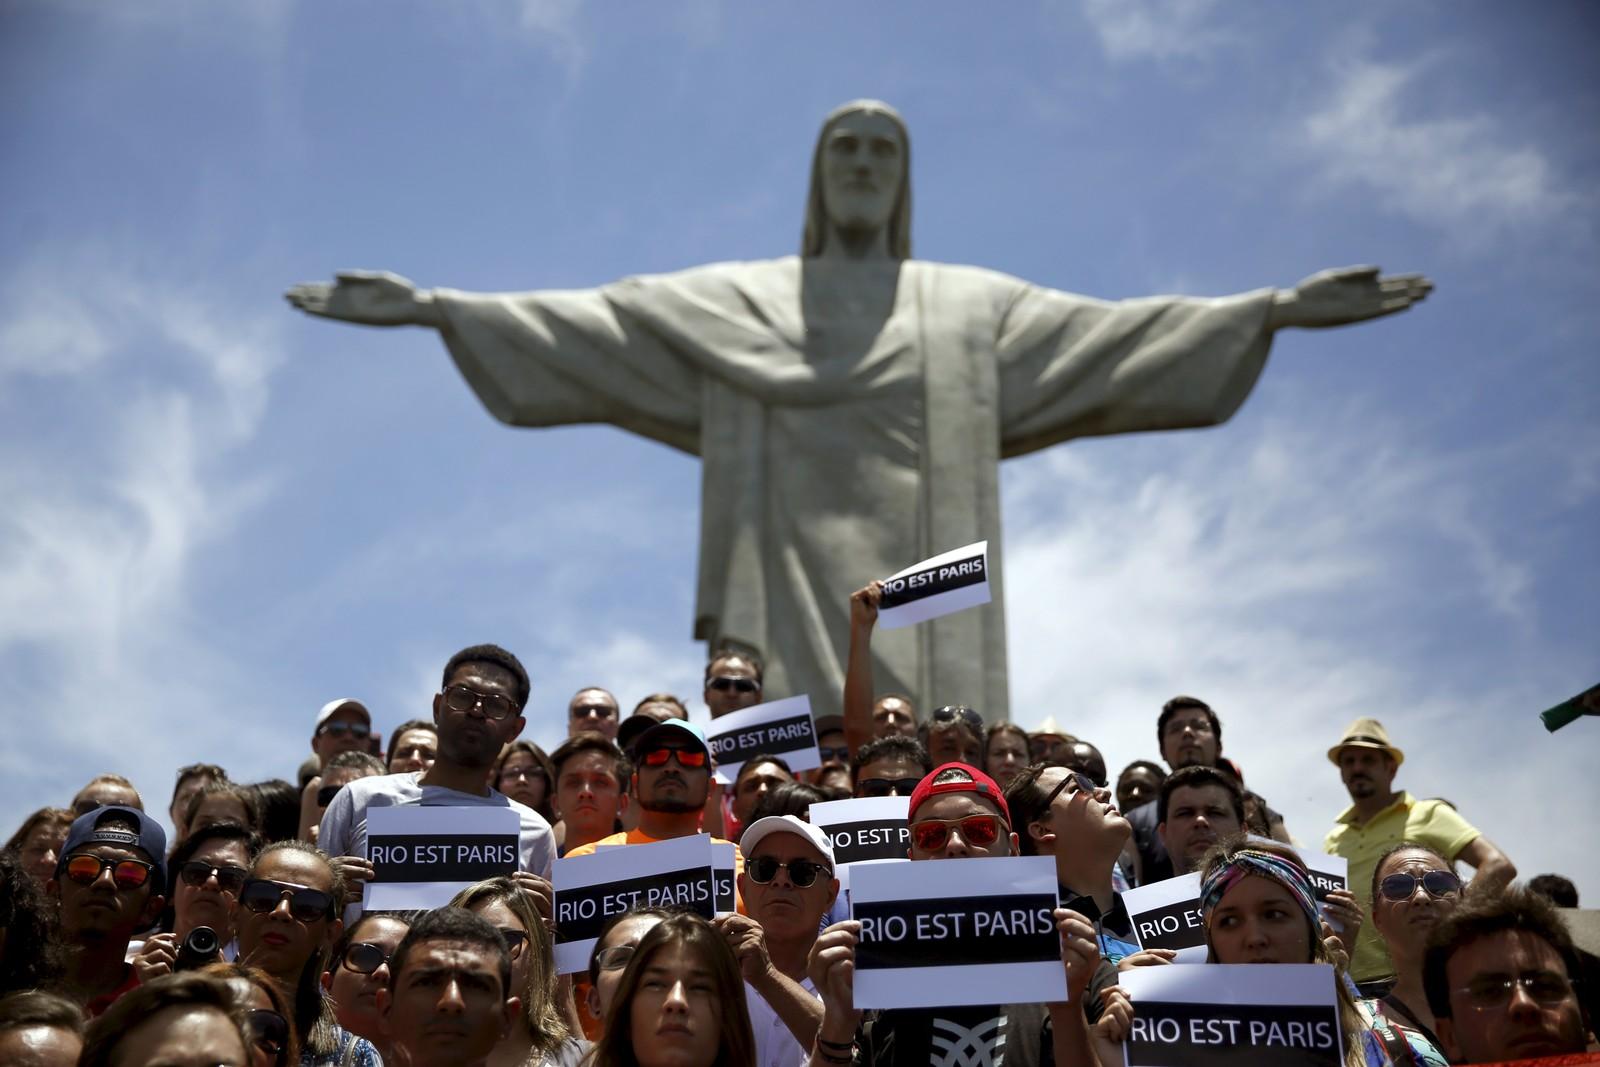 Brasilianere holdt minnestund for ofrene ved den kjente Kristus-statuen i Rio de Janeiro.